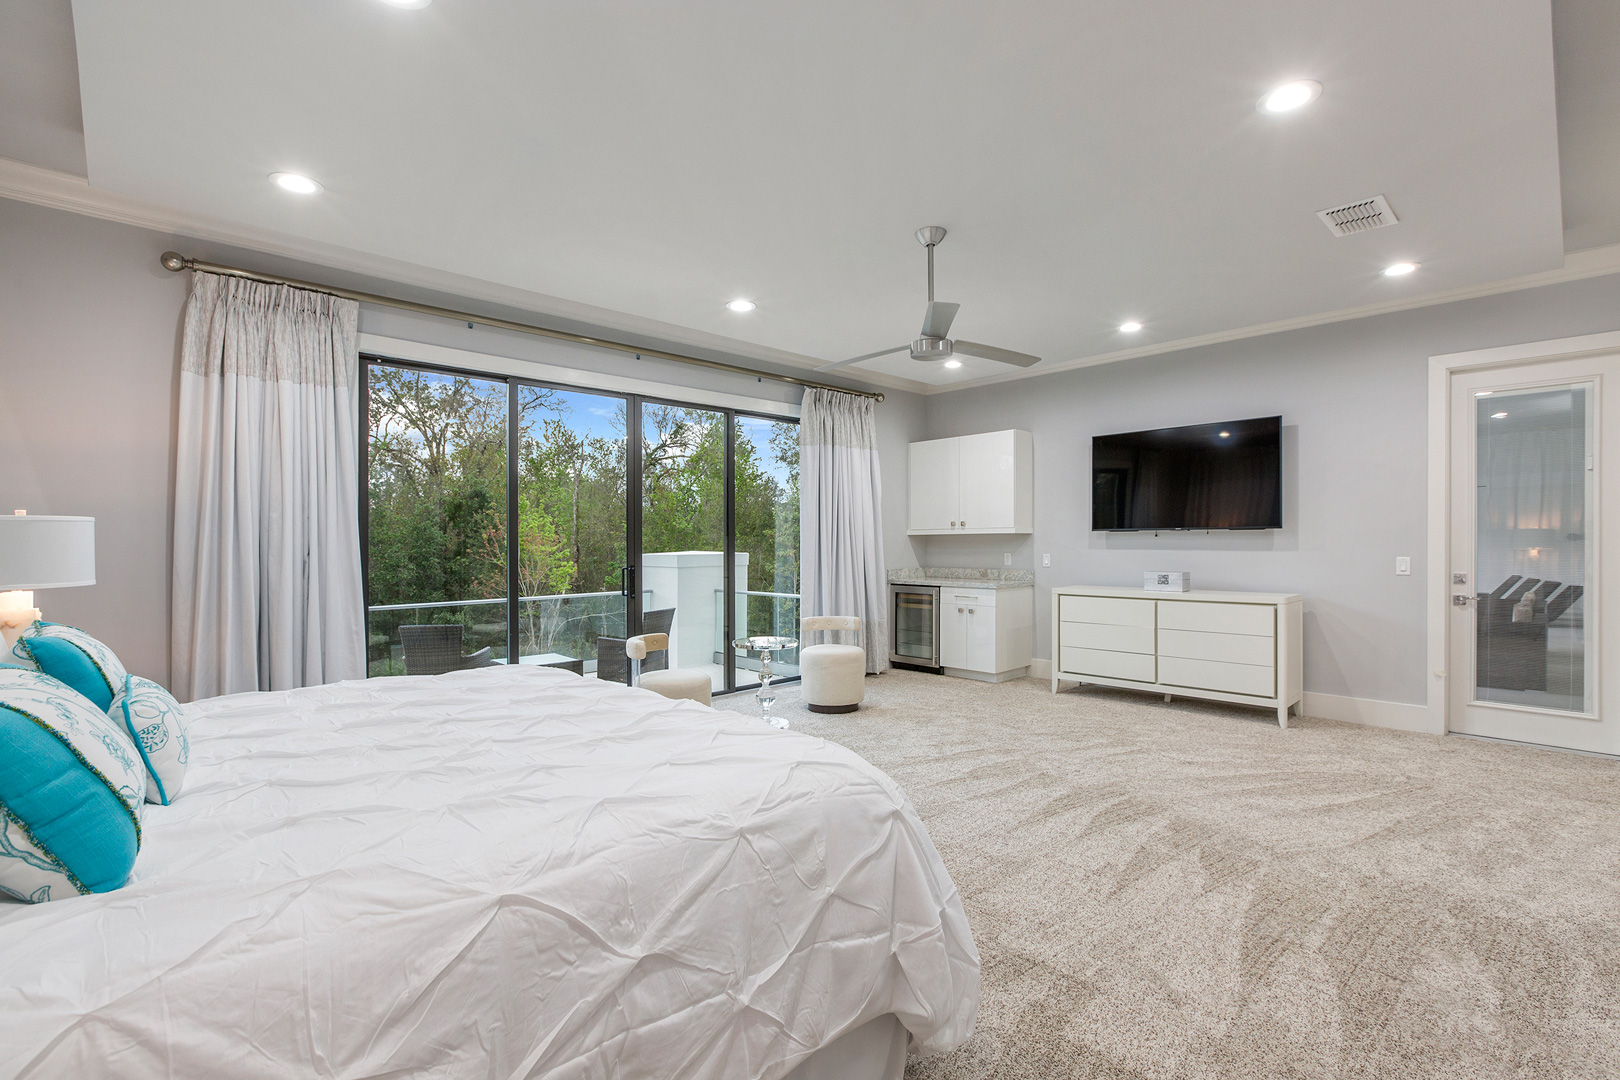 Bedrooms48